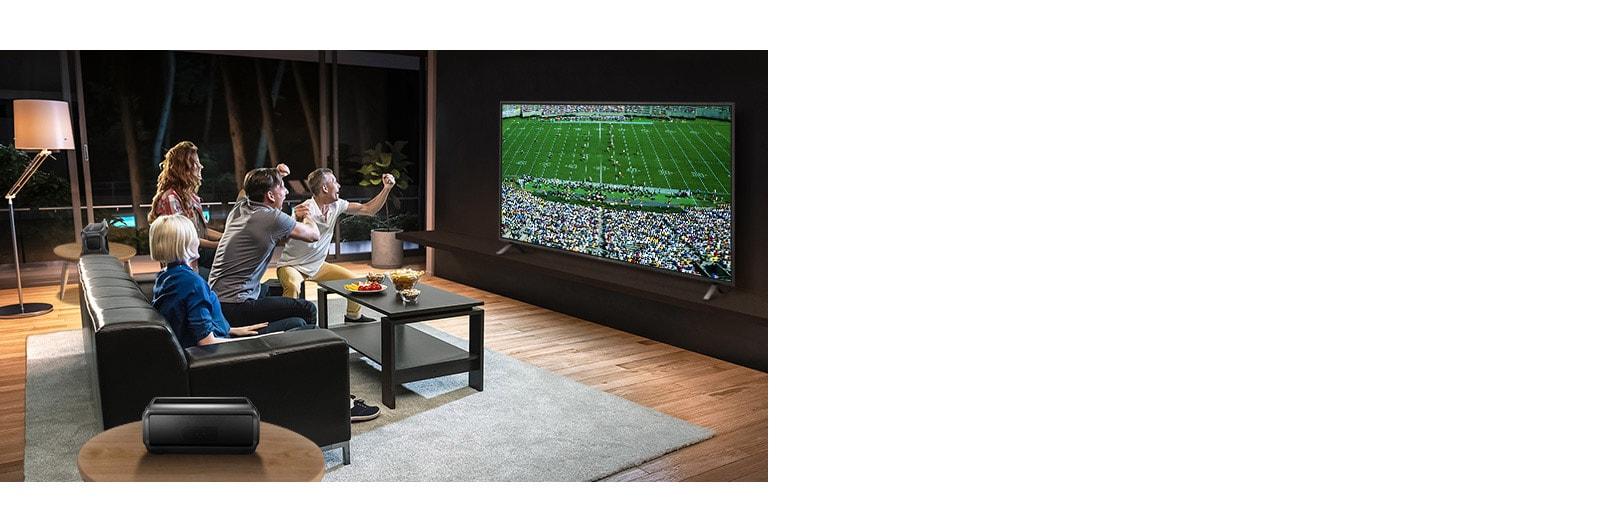 Ljudi gledaju sport na televizoru u dnevnoj sobi sa zadnjim Bluetooth zvučnicima.